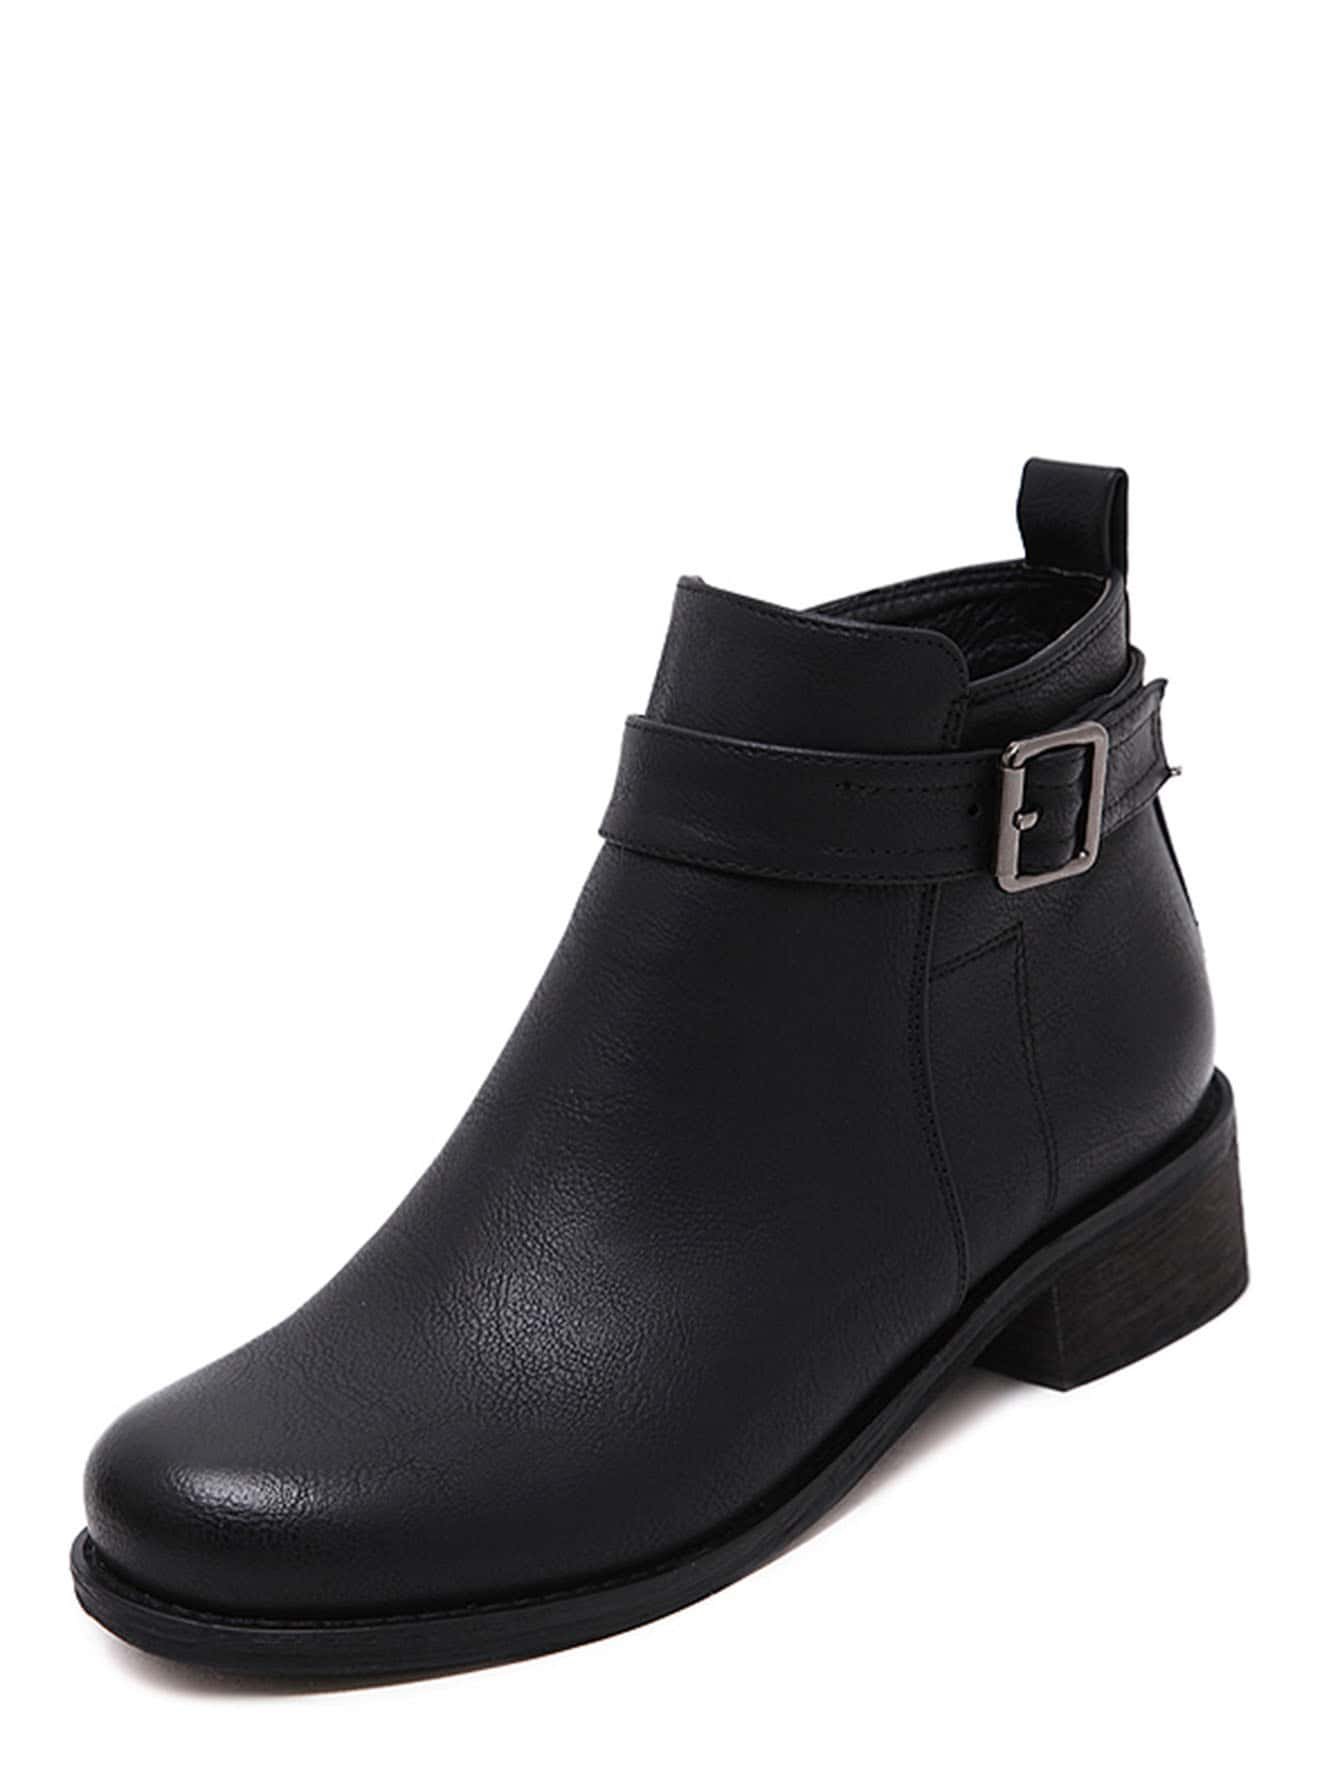 shoes161027809_2